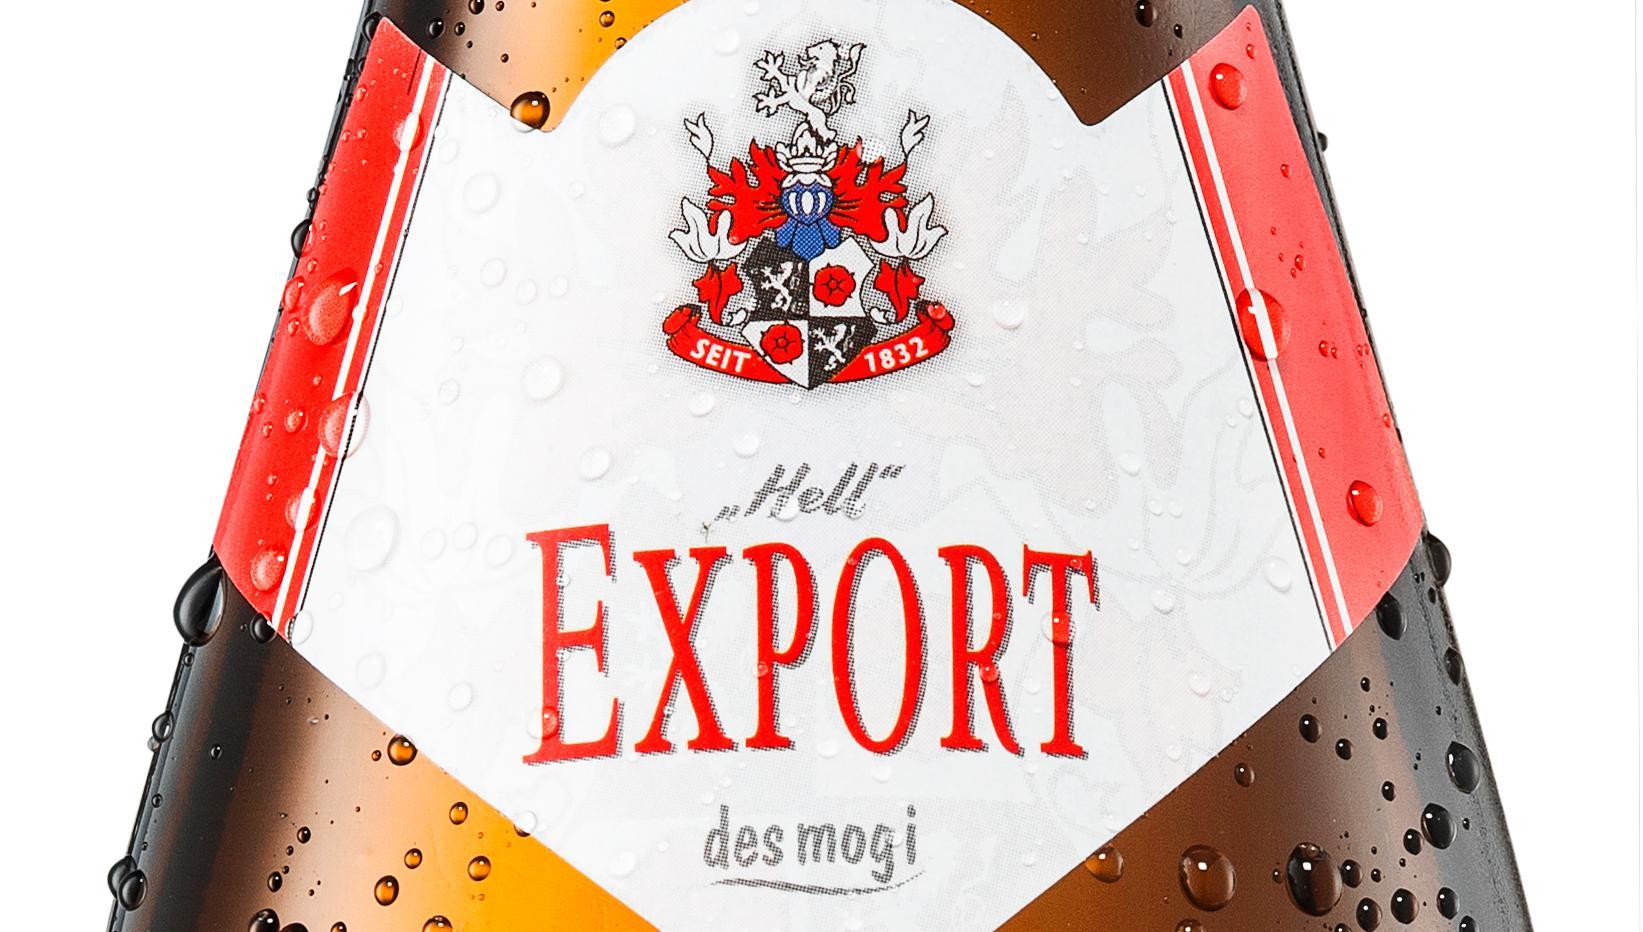 Stöttner Export Hell